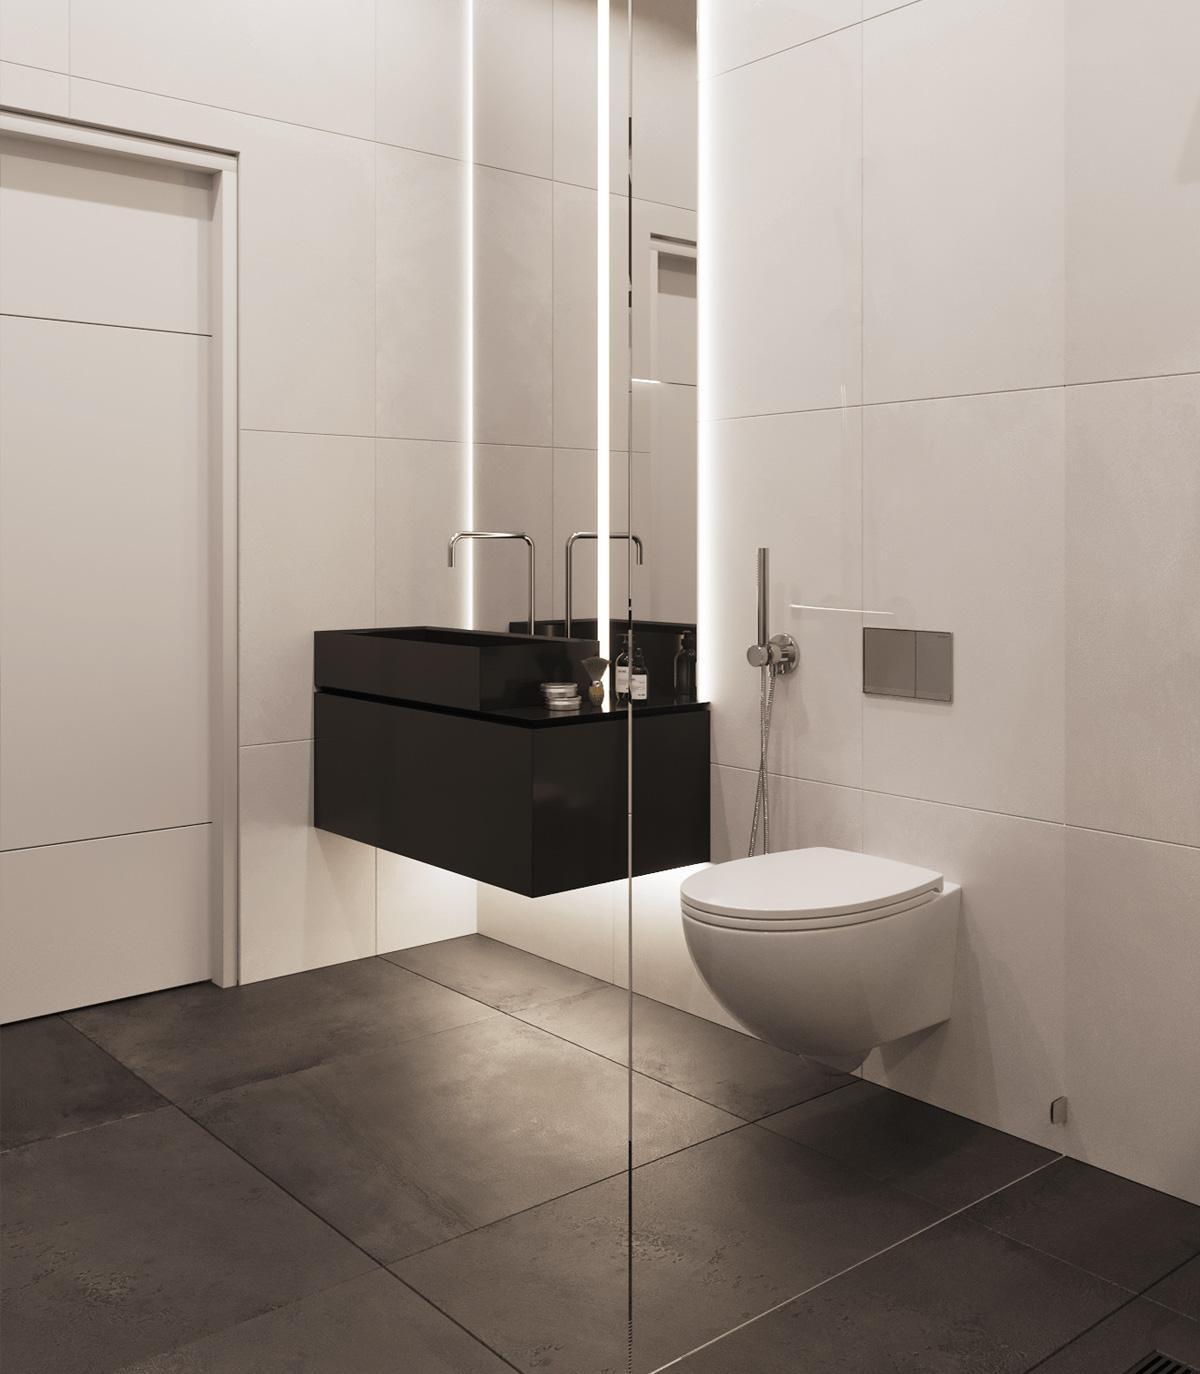 Thiết kế phòng vệ sinh căn hộ cá tính